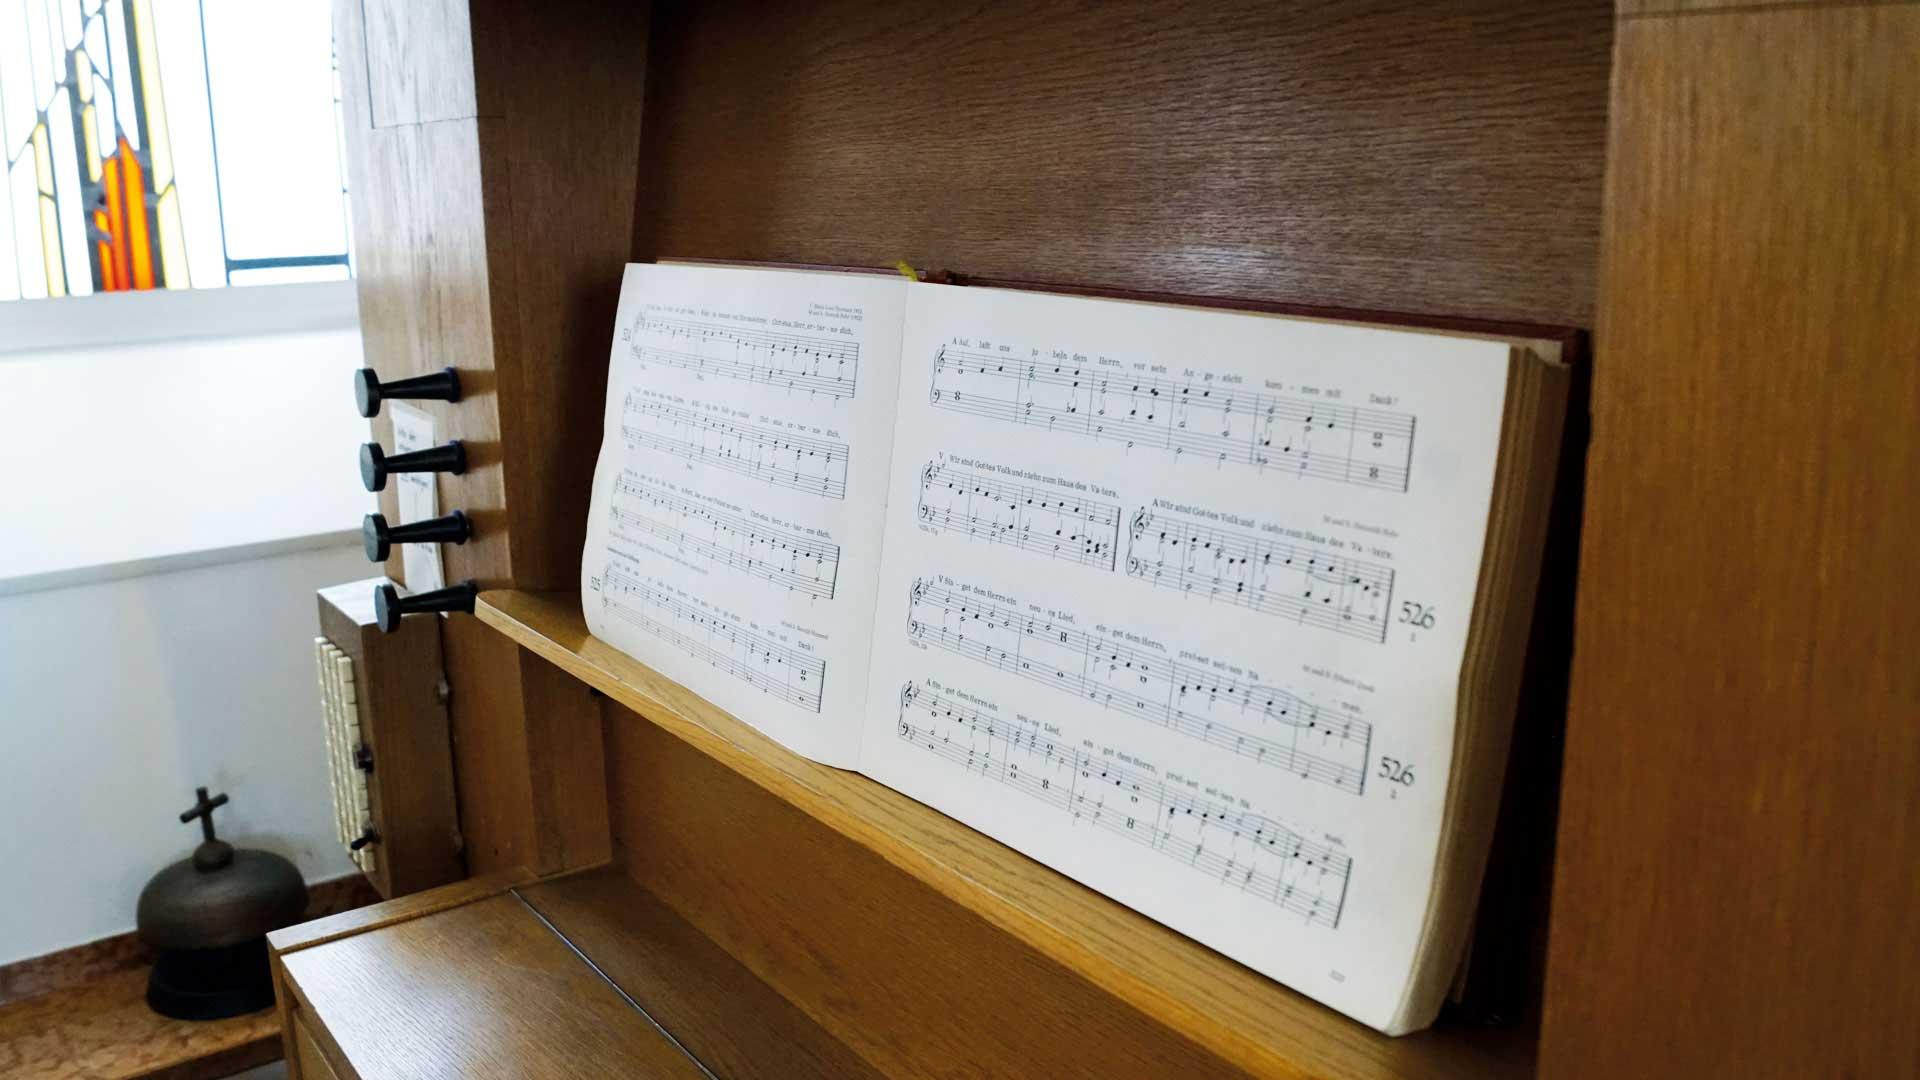 Seniorenzentrum-Bruder-Konrad-Stift-Kapelle-St-Anselmus-Orgel-1